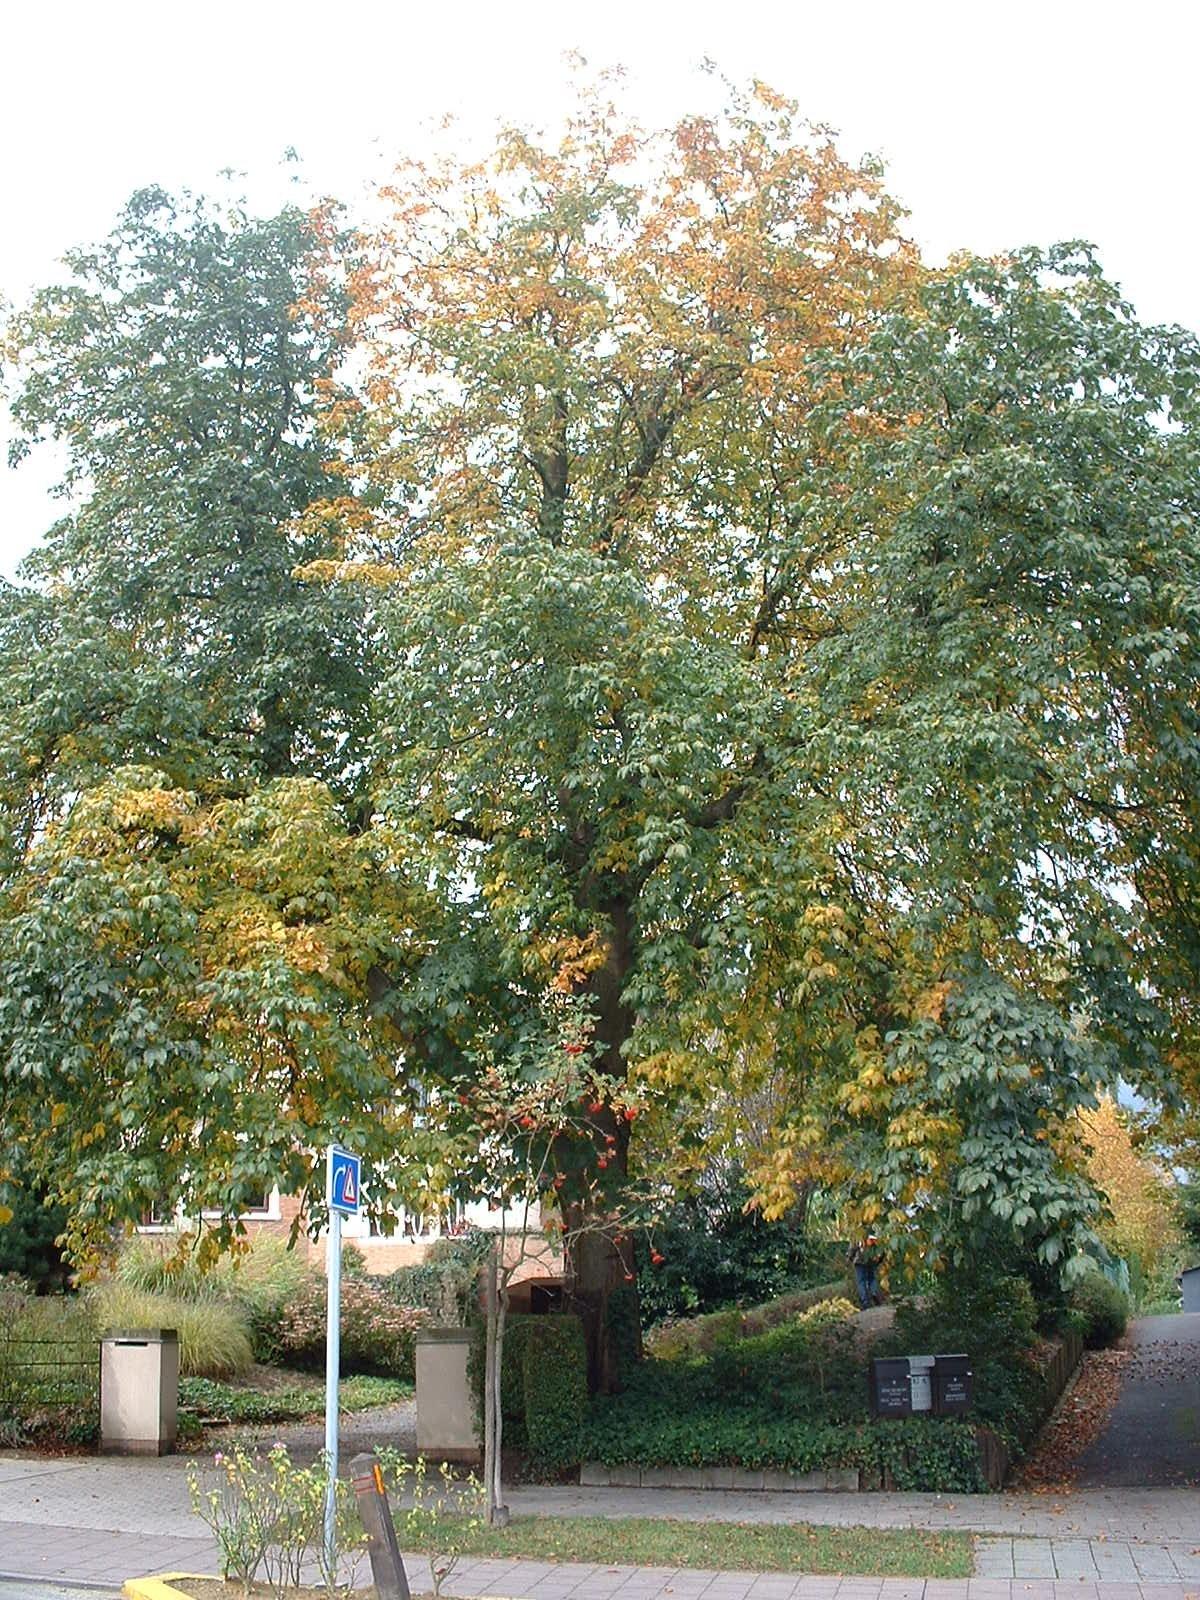 Marronnier à fleurs rouges – Woluwé-Saint-Pierre, Avenue Grandchamp, 282 –  17 Octobre 2002